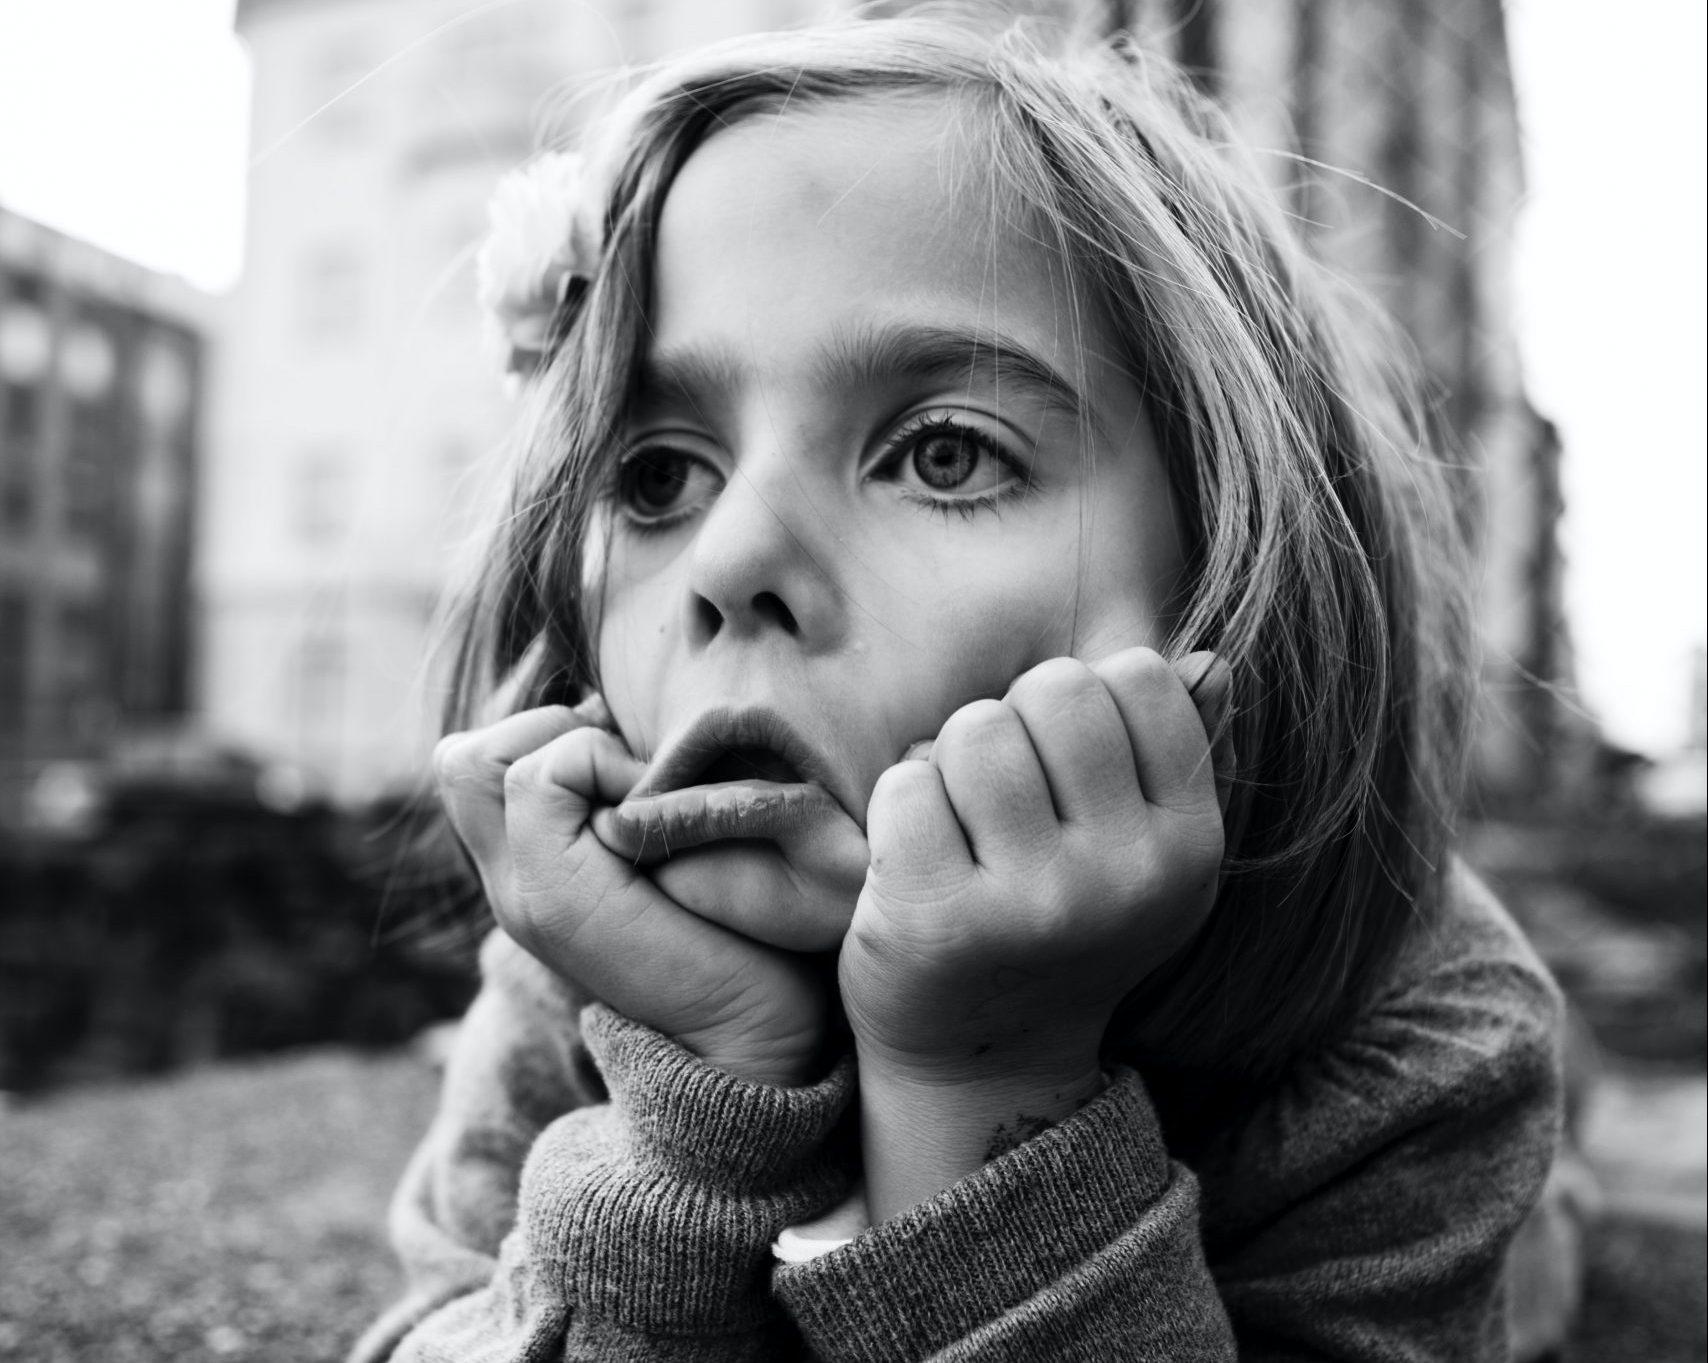 pige, trist Foto: Unsplash)